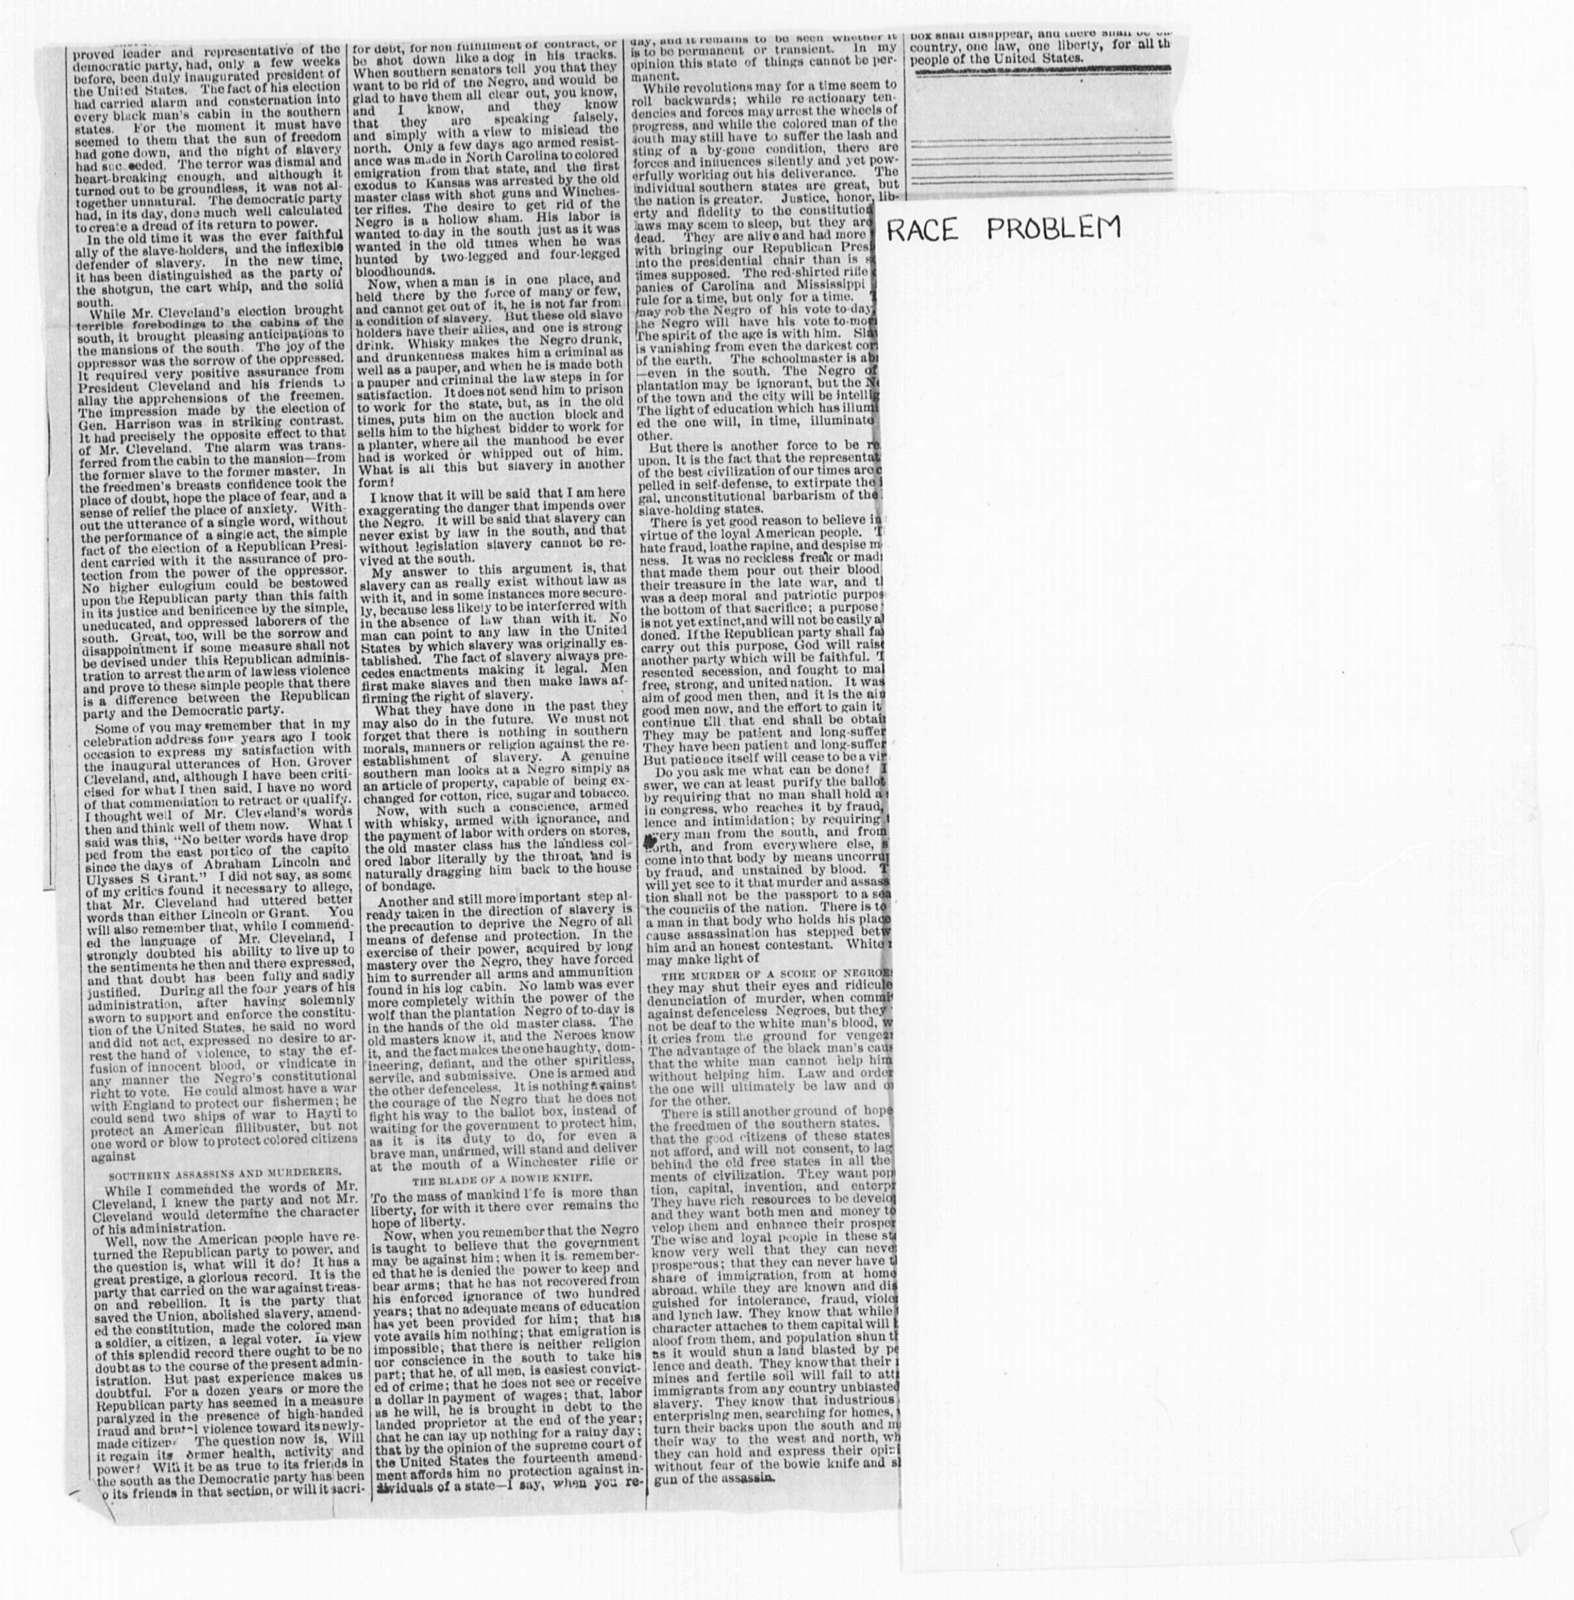 Race Problem - Folder 2 of 2